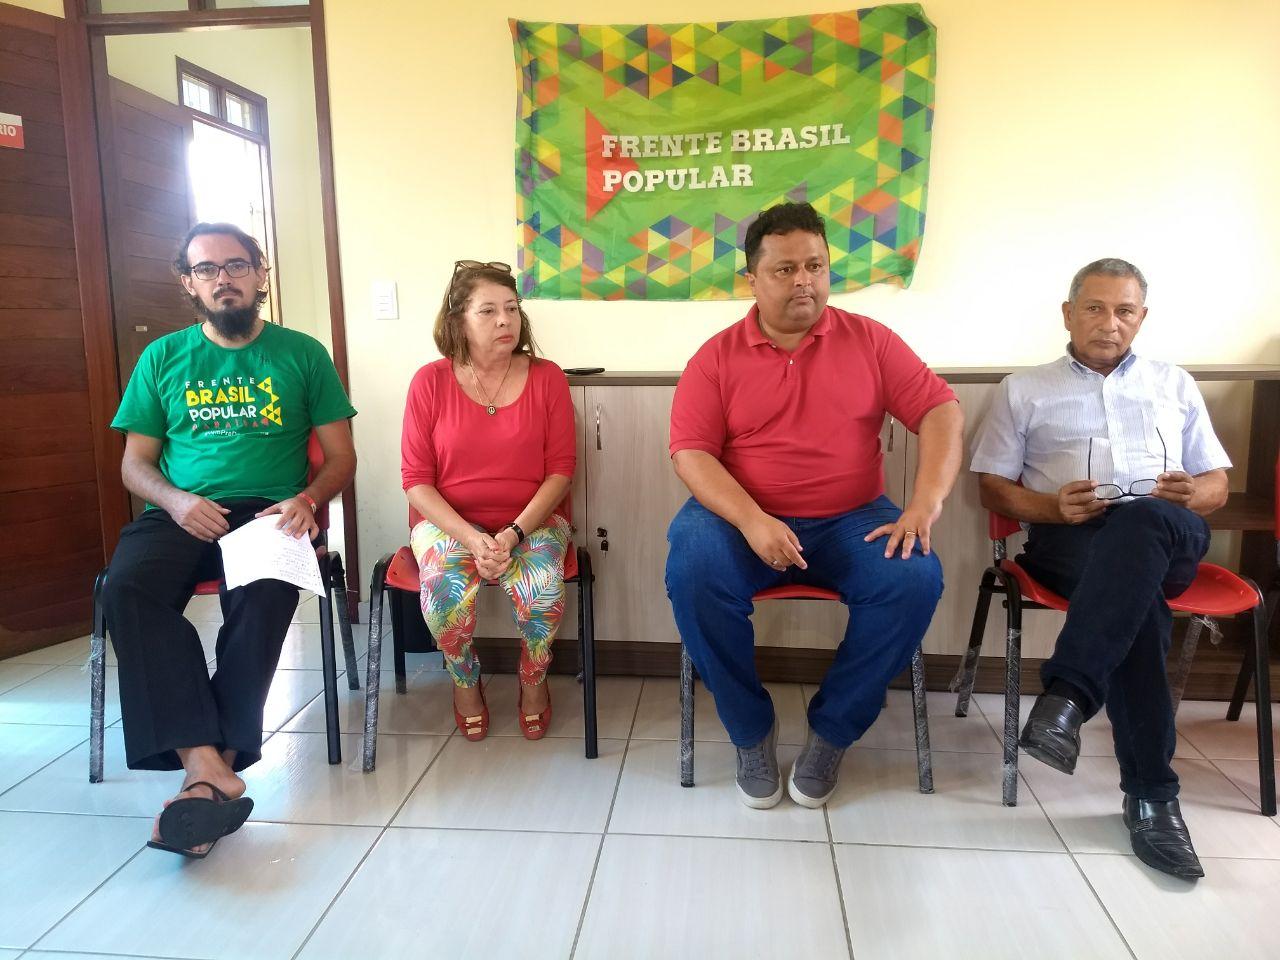 PT mantém promessa: Lula será candidato